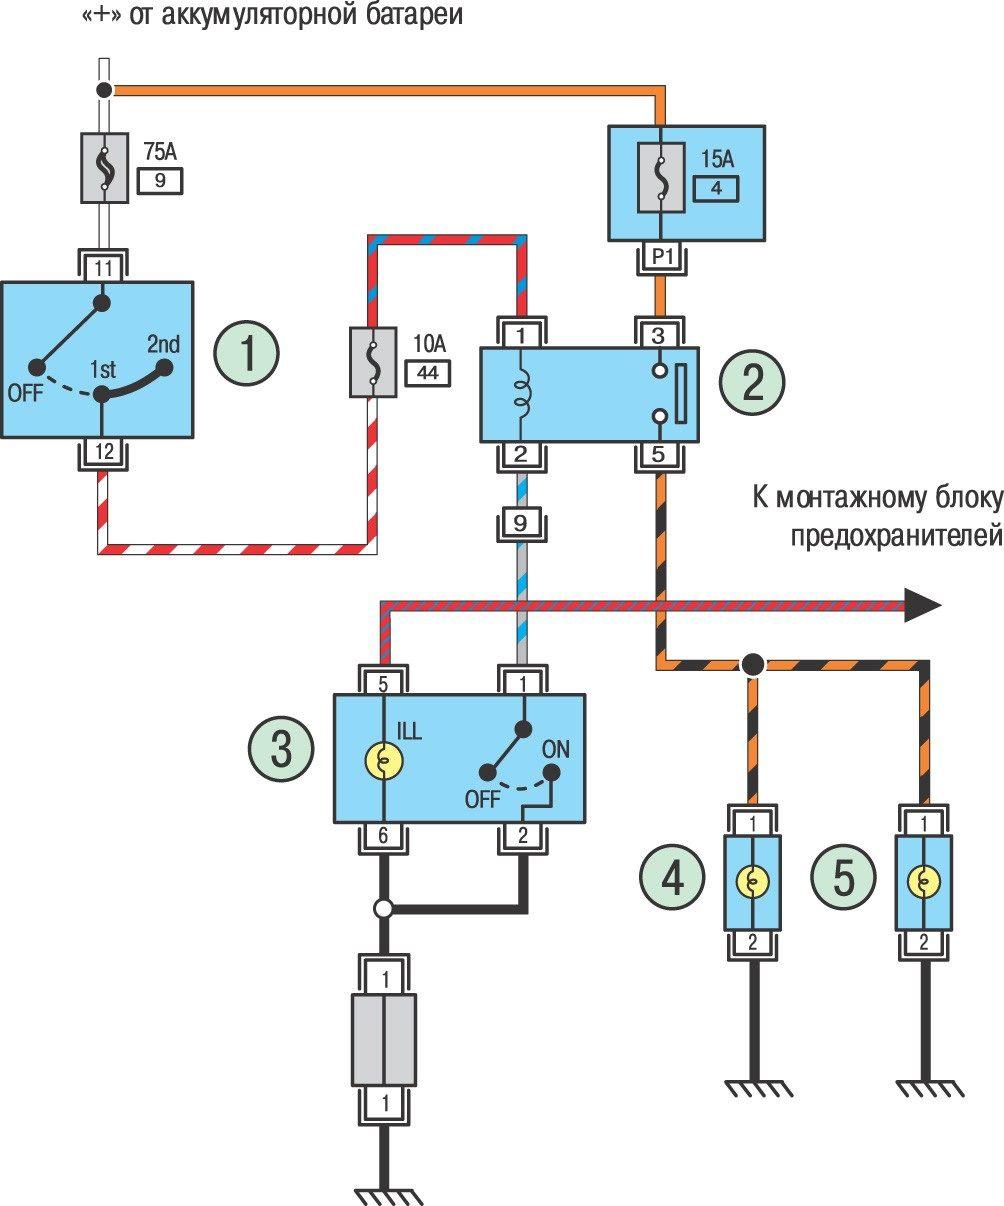 Схема подключения птф на ниссан альмера классик